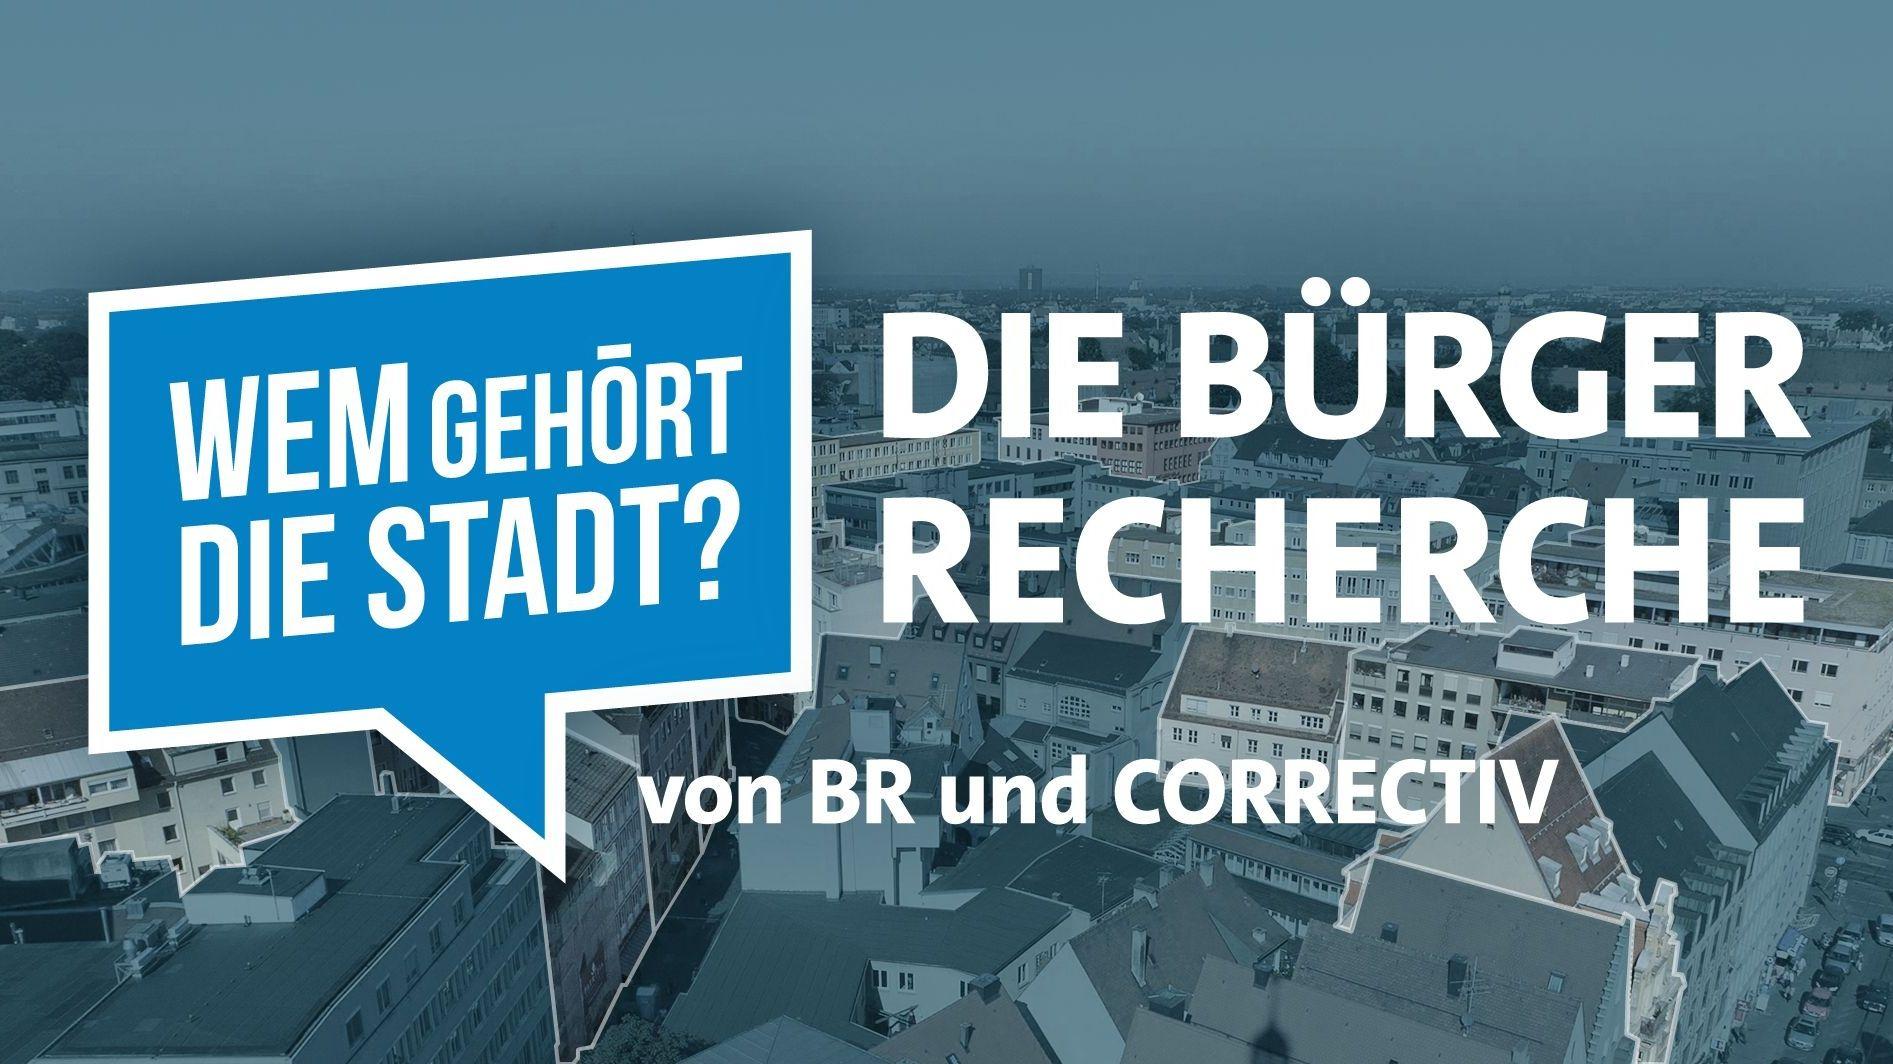 """""""Wem gehört die Stadt?"""": Die Bürgerrecherche von BR und Correctiv."""